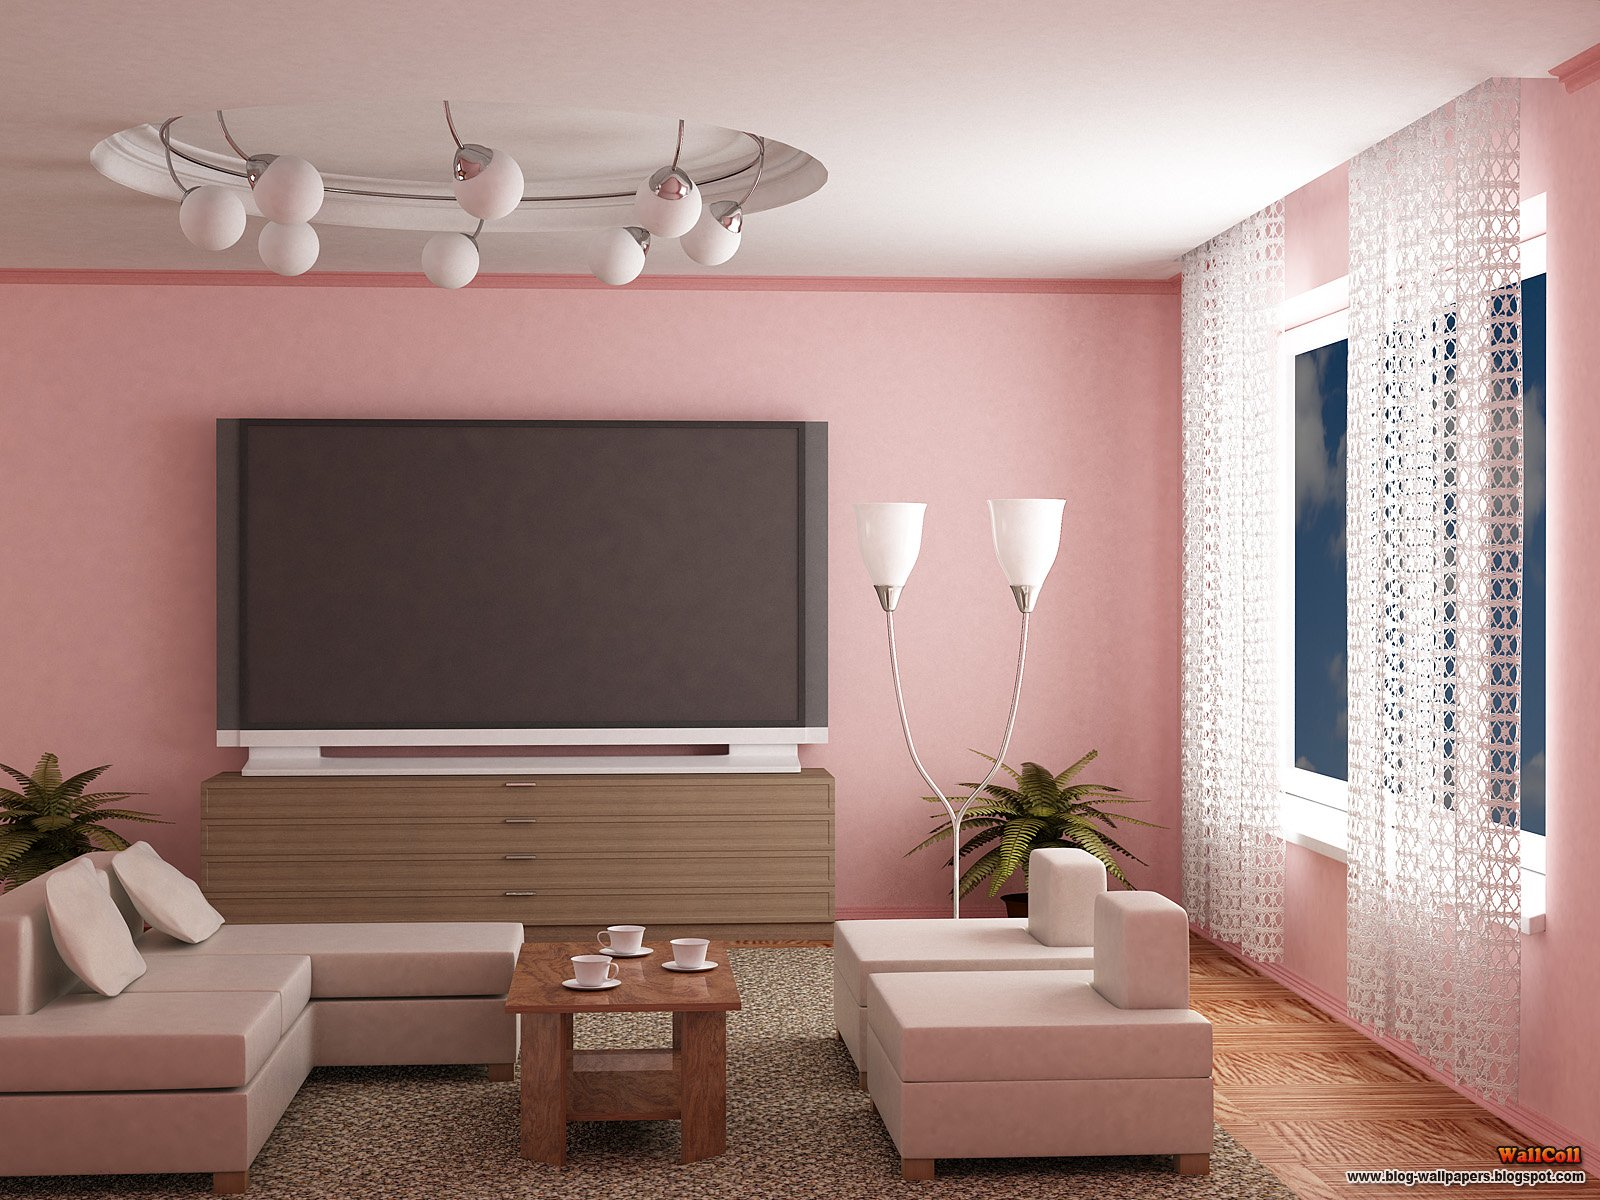 Dise o de interiores arquitectura continuaci n taringa - Decoracion de interiores fotos ...